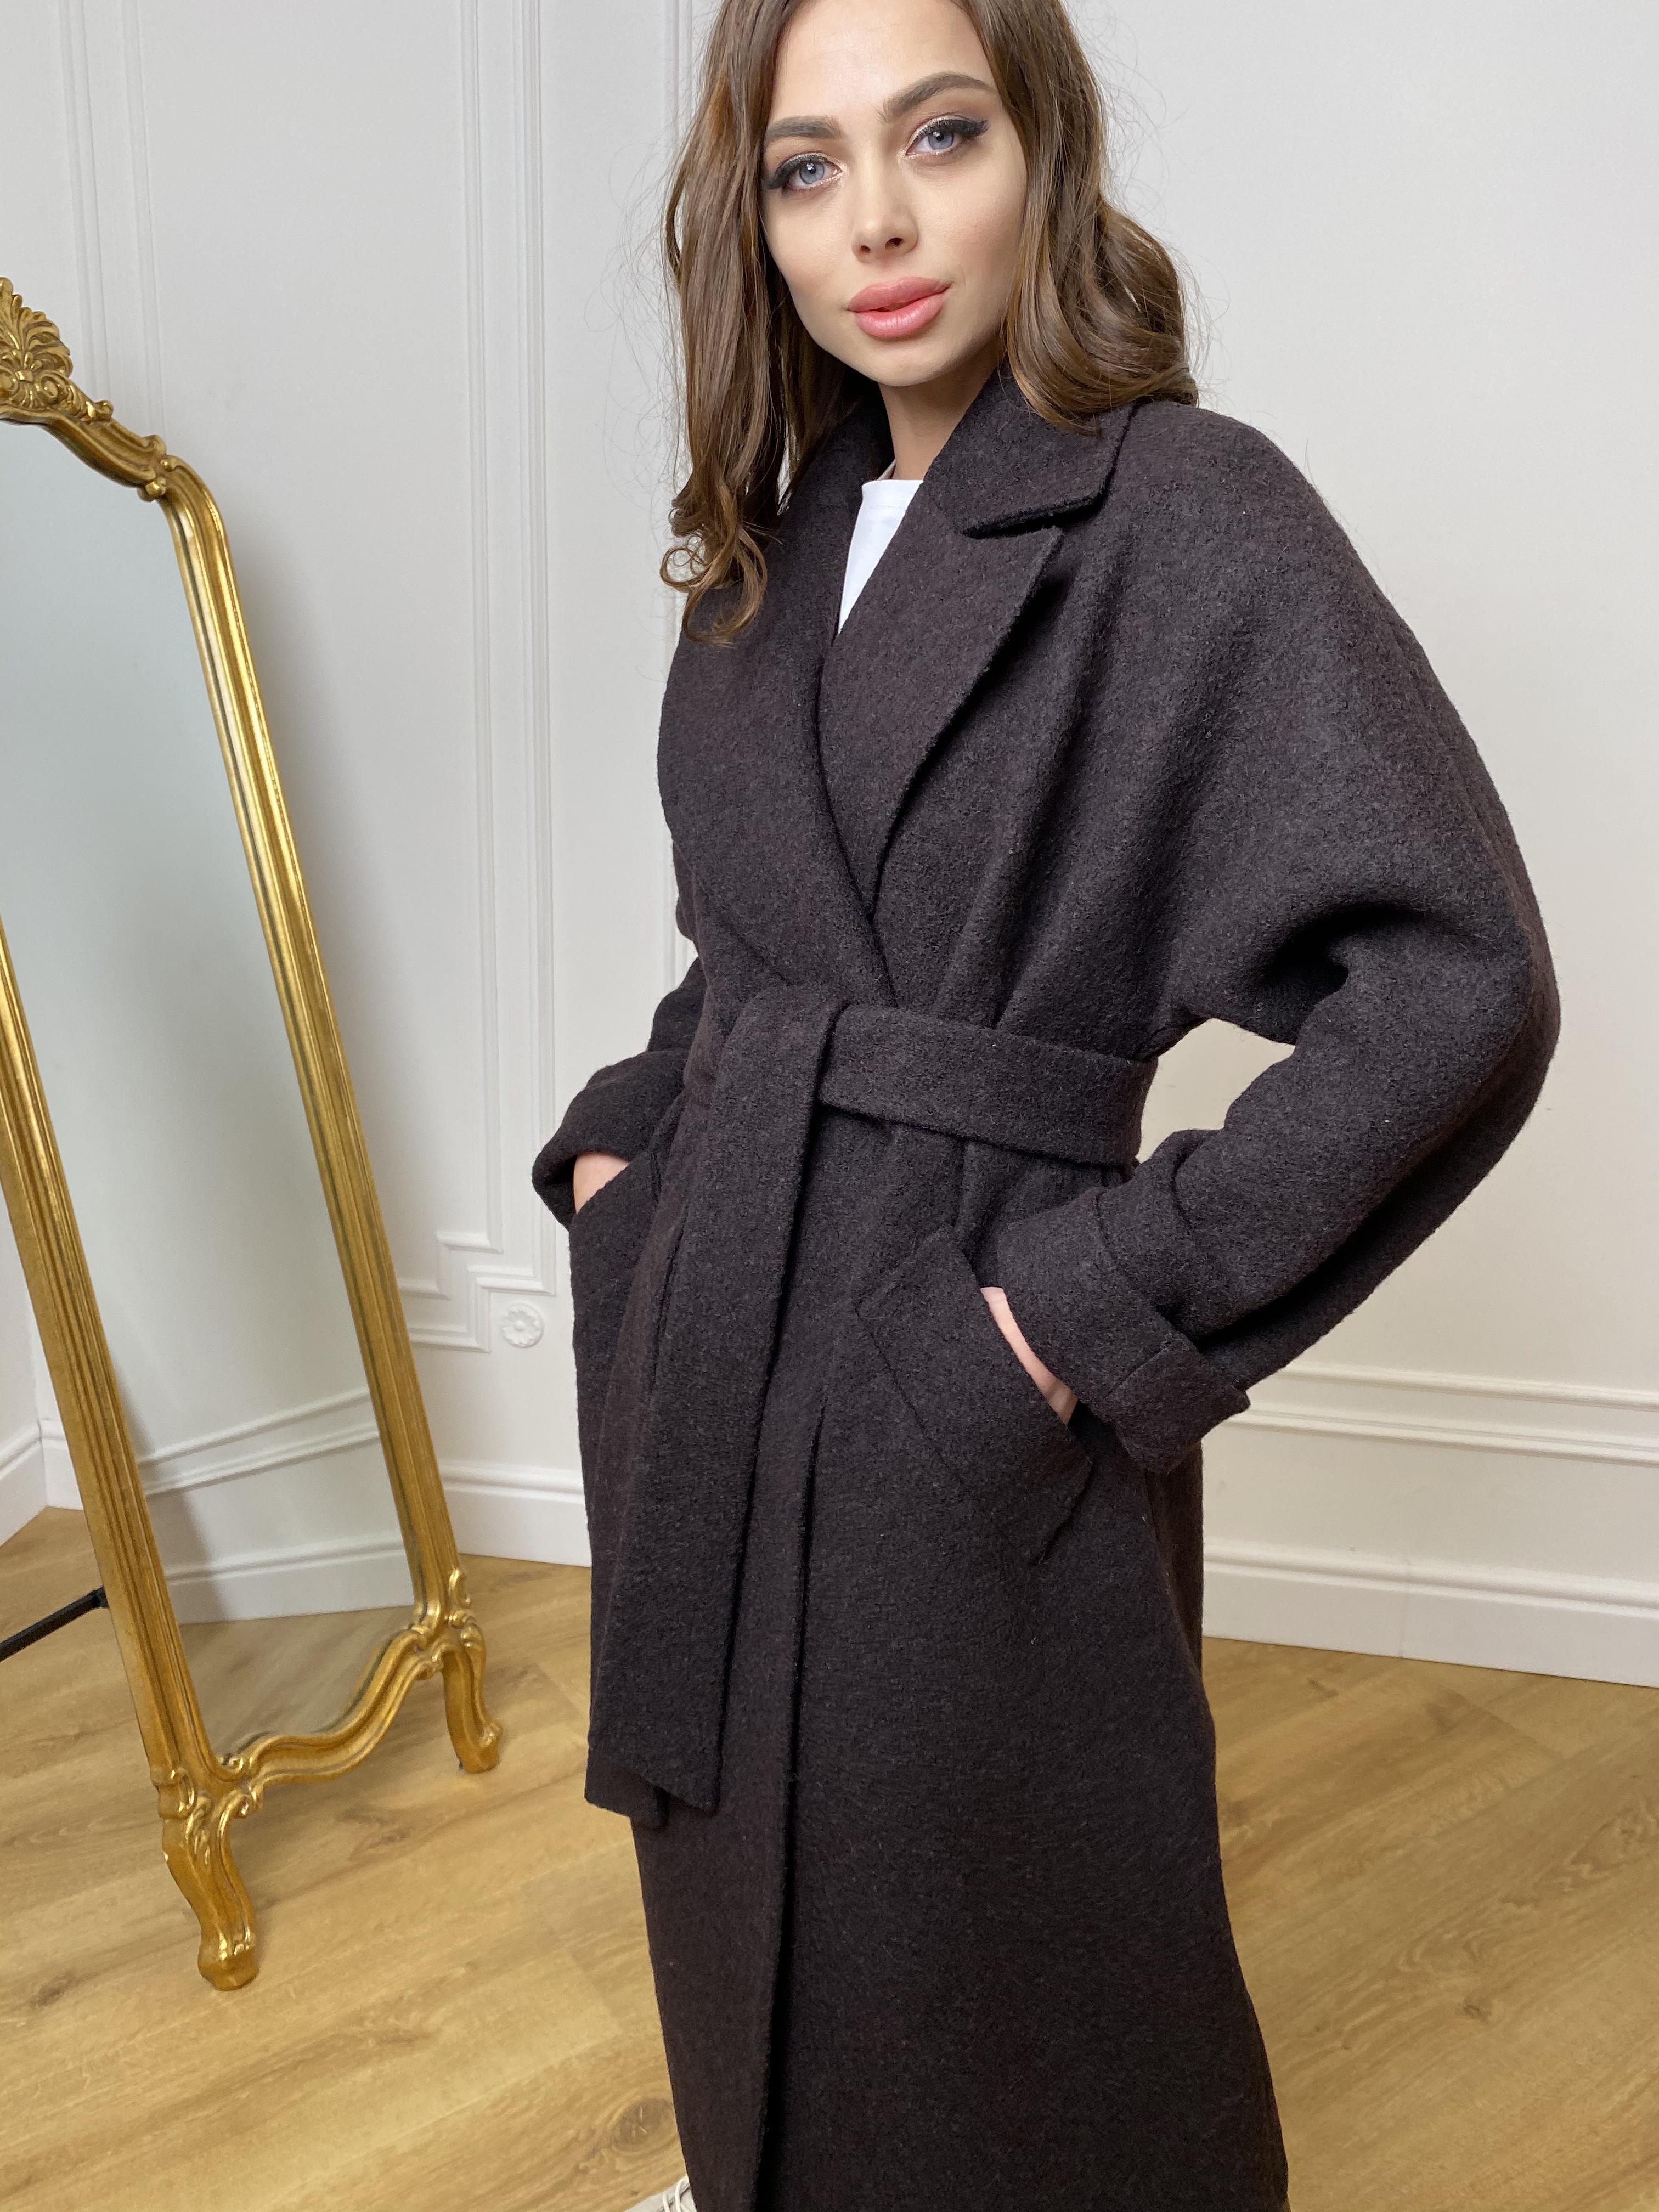 Влада баритон  пальто  из пальтовой ткани 10313 АРТ. 46630 Цвет: Шоколад - фото 3, интернет магазин tm-modus.ru